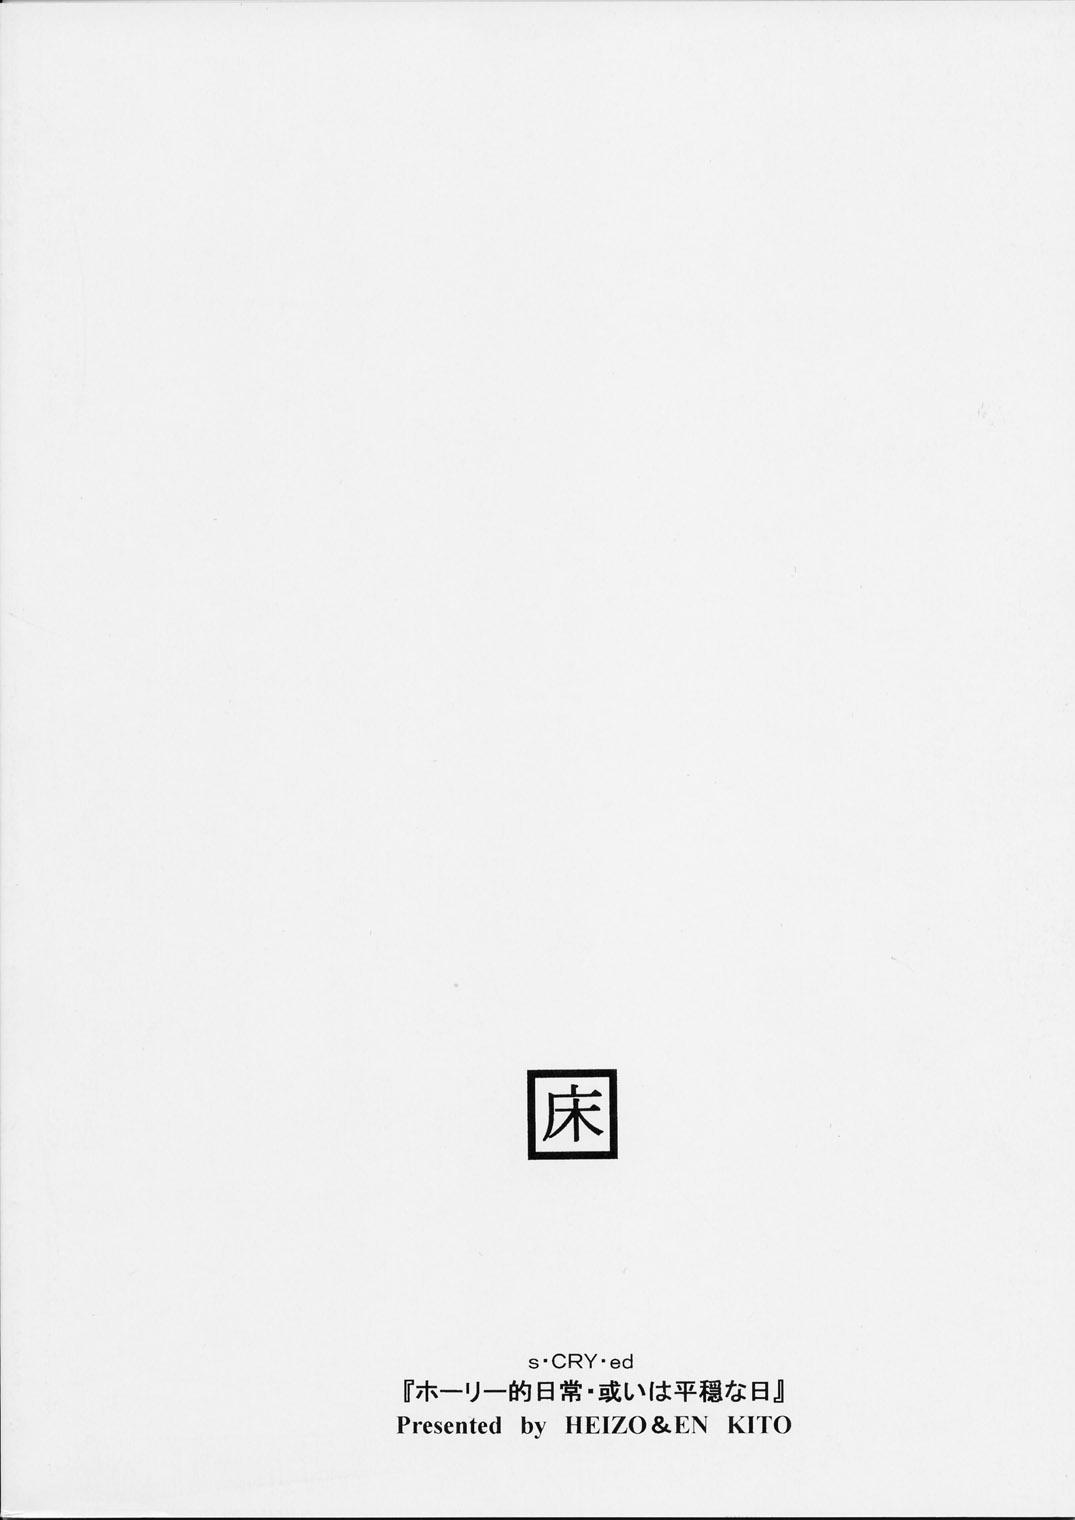 Holy-teki Nichijou Aruiwa Heion na Hi 25